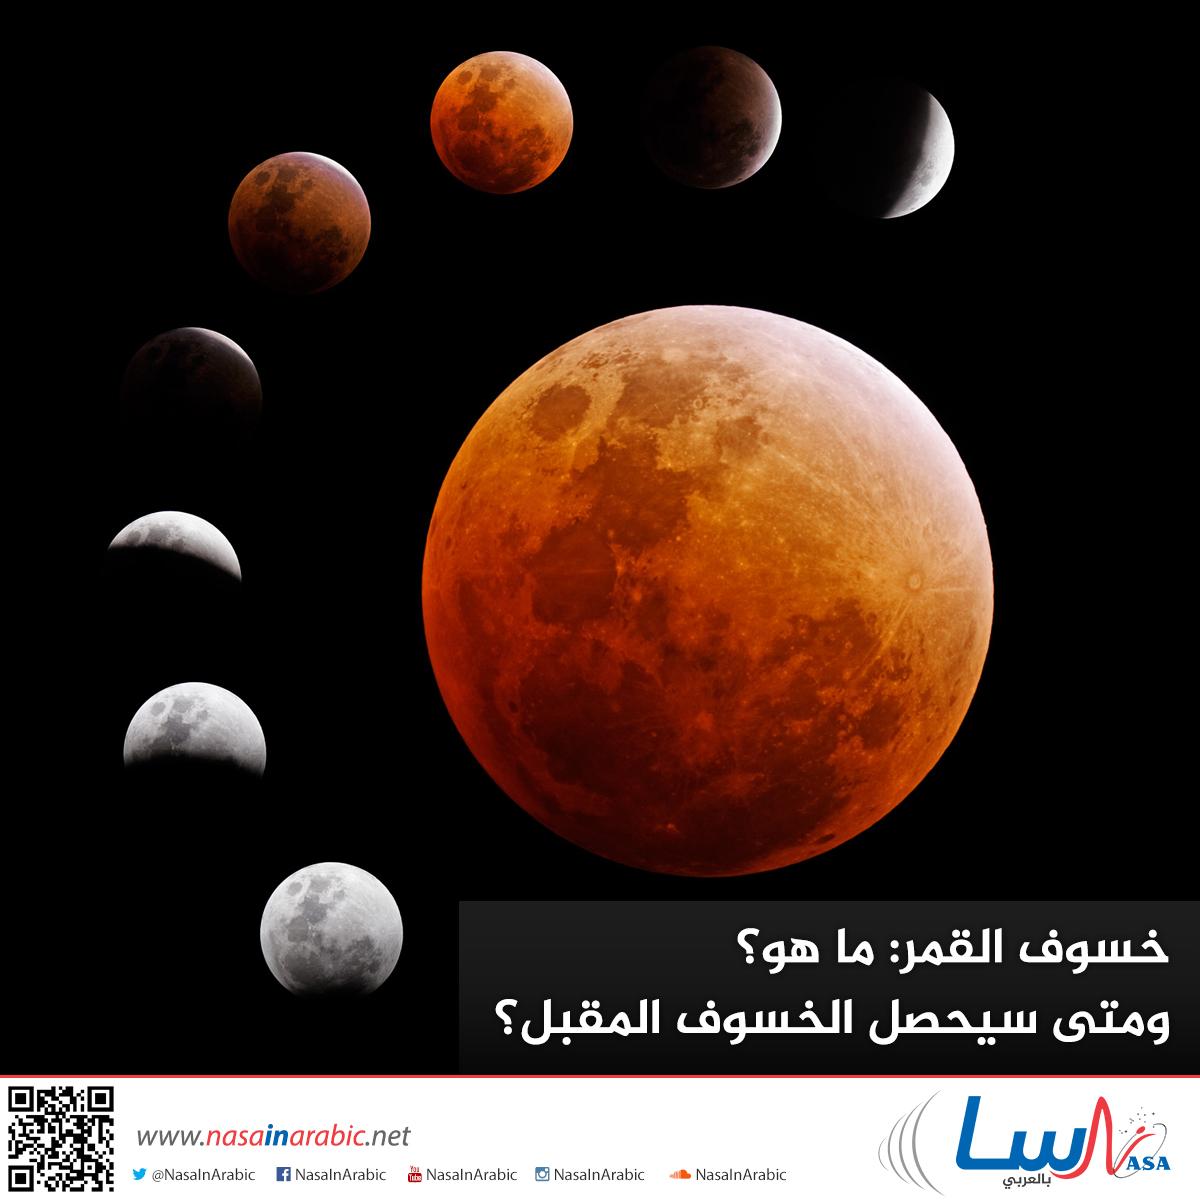 ما هو خسوف القمر؟